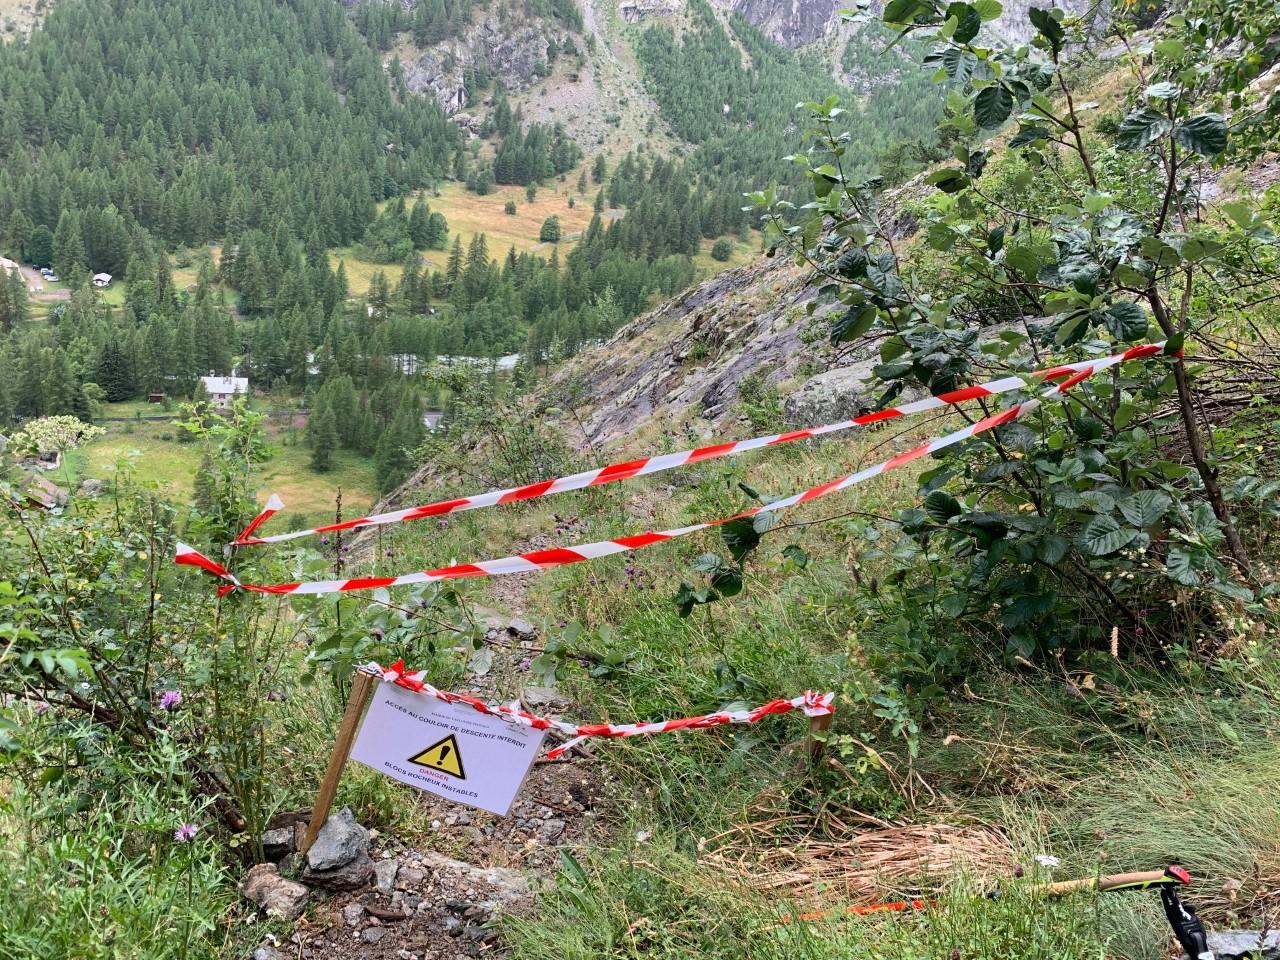 Ailefroide: Interdiction temporaire d'accès au couloir de descente de la Tête de la Draye